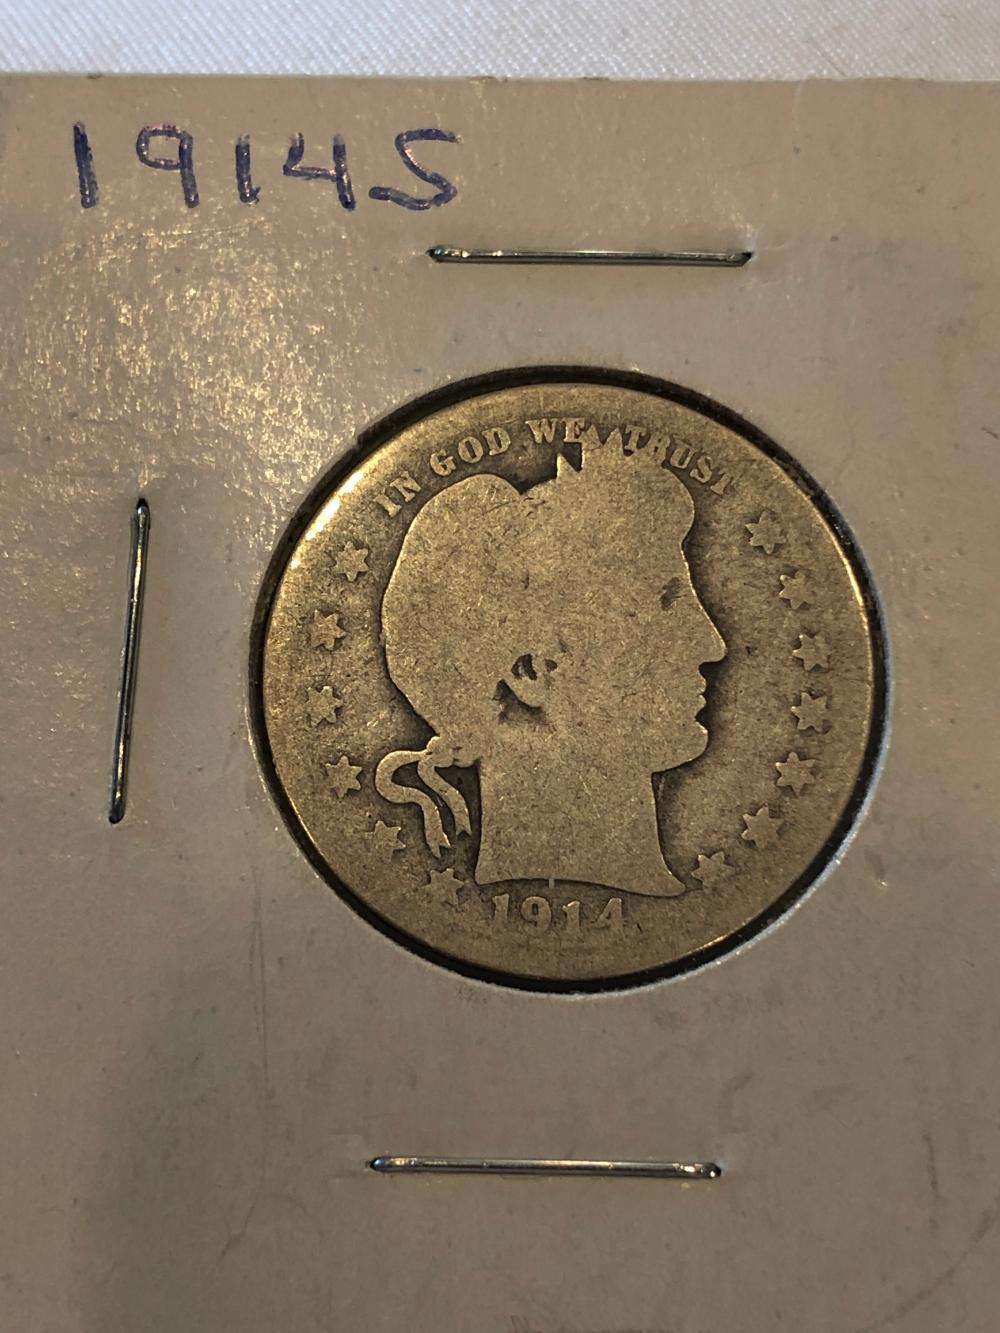 1914 Silver Quarter